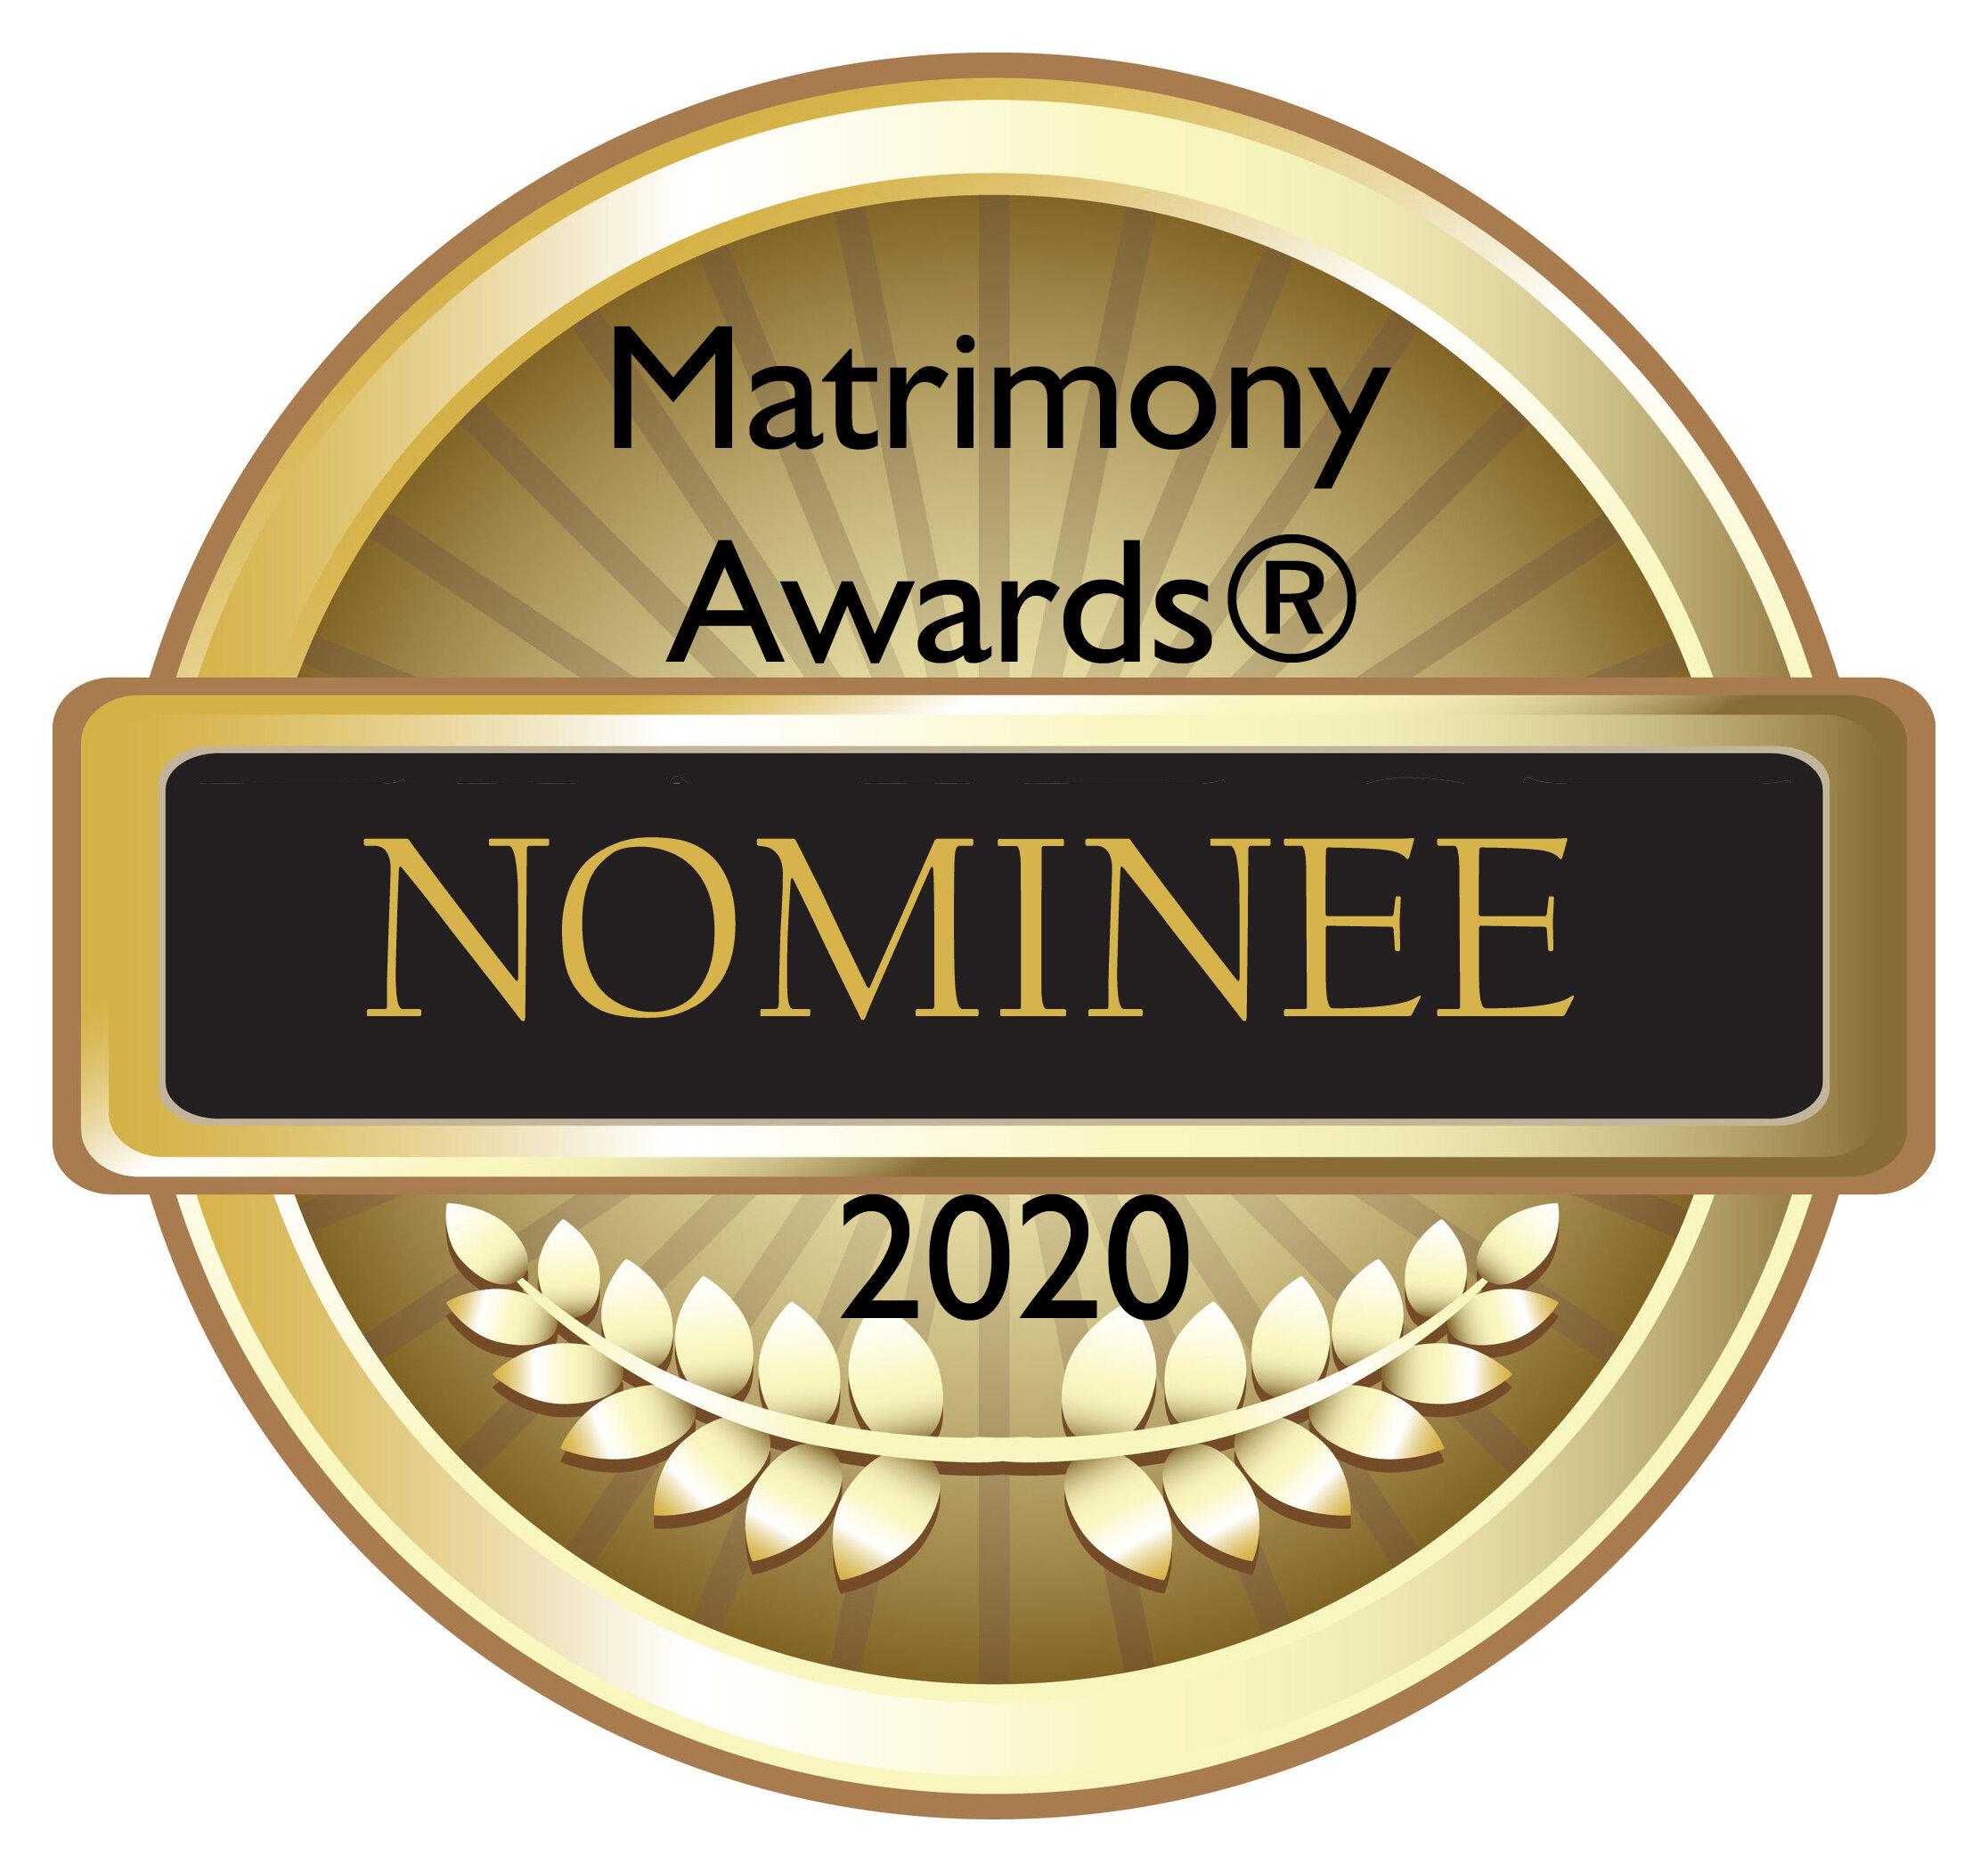 Nominee 2020 logo.jpg